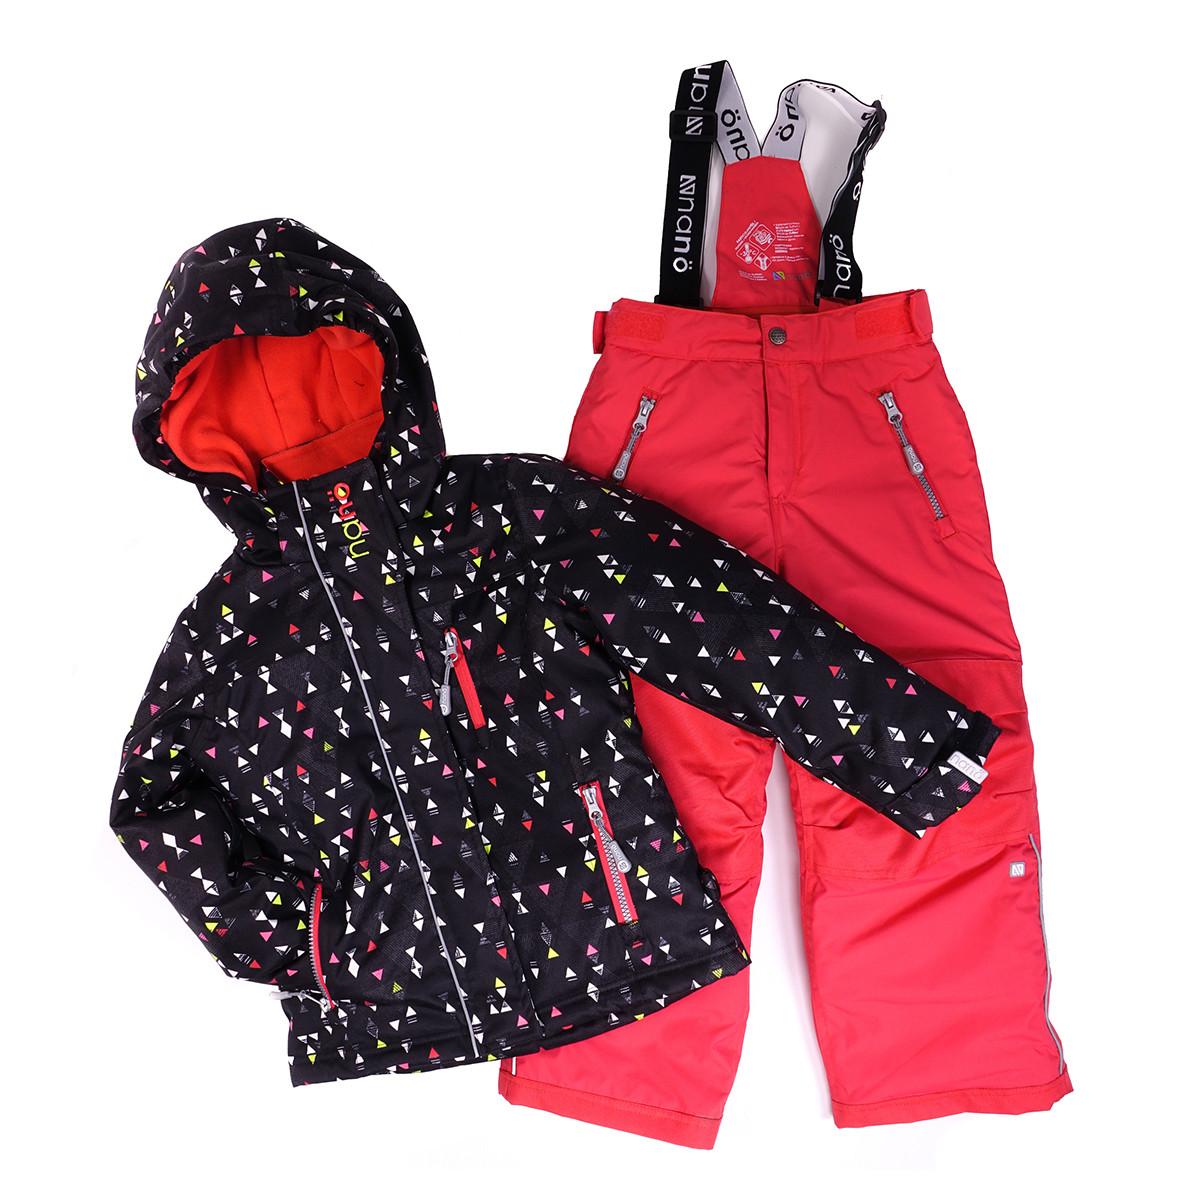 Костюм для девочки 266 M F16 Black / Coral Pink NANO